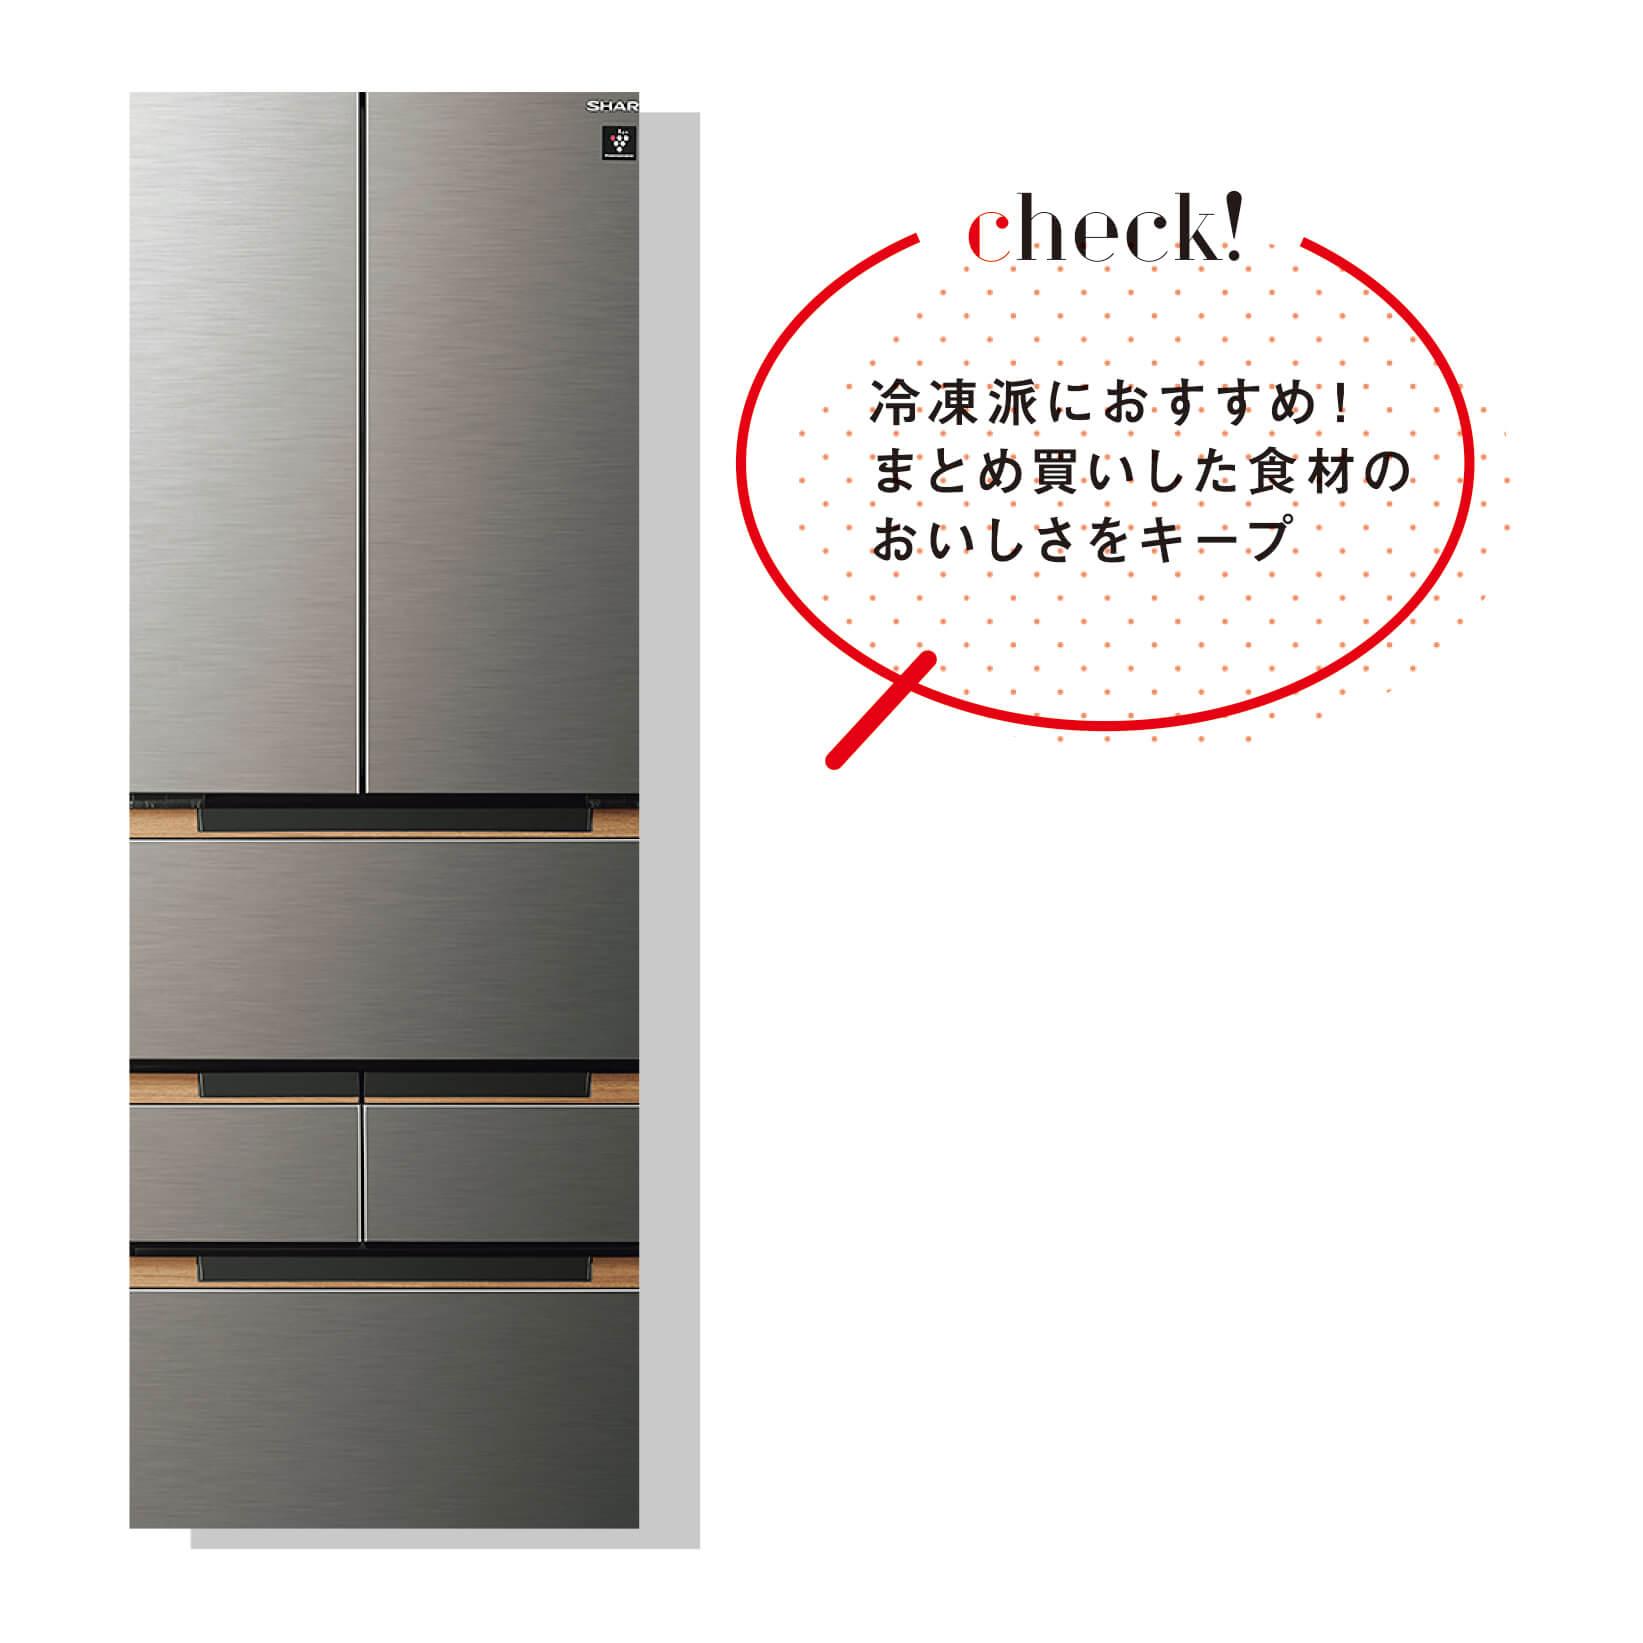 冷凍派におすすめ! まとめ買いした食材のおいしさをキープ プラズマクラスター冷蔵庫SJ-MF46H¥290000(編集部調べ)/シャープ